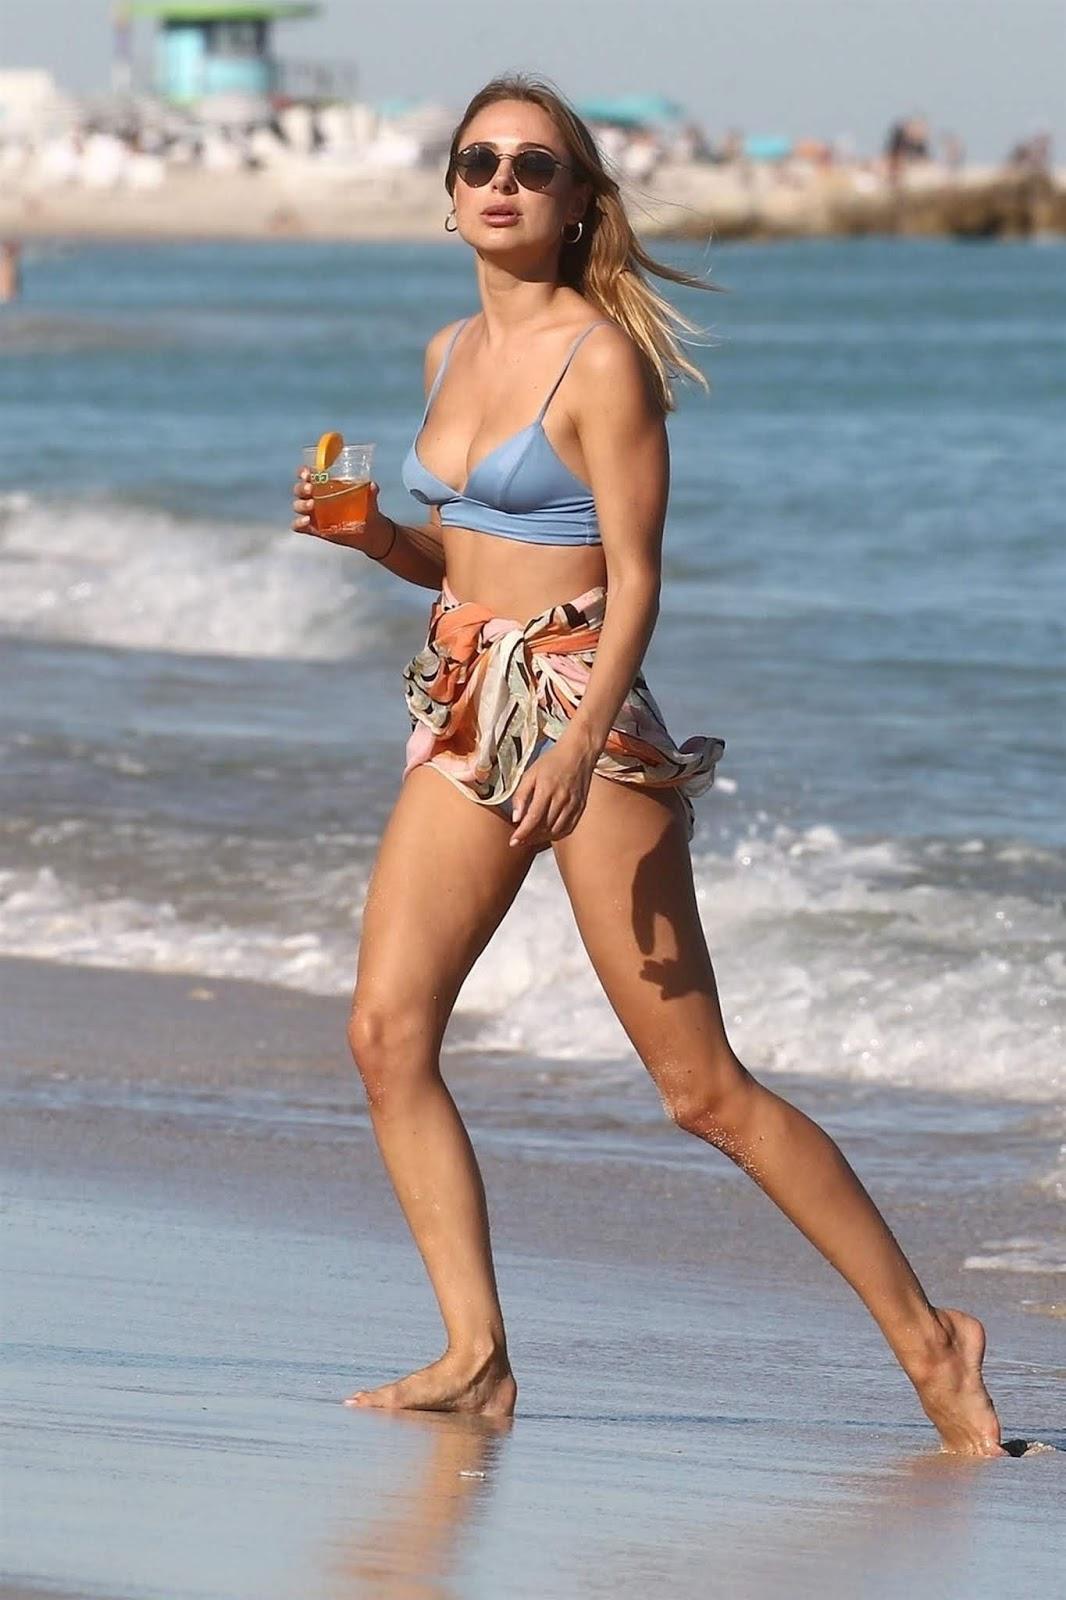 Kimberley Garner in a bikini at Miami Beach - 01/29/2019